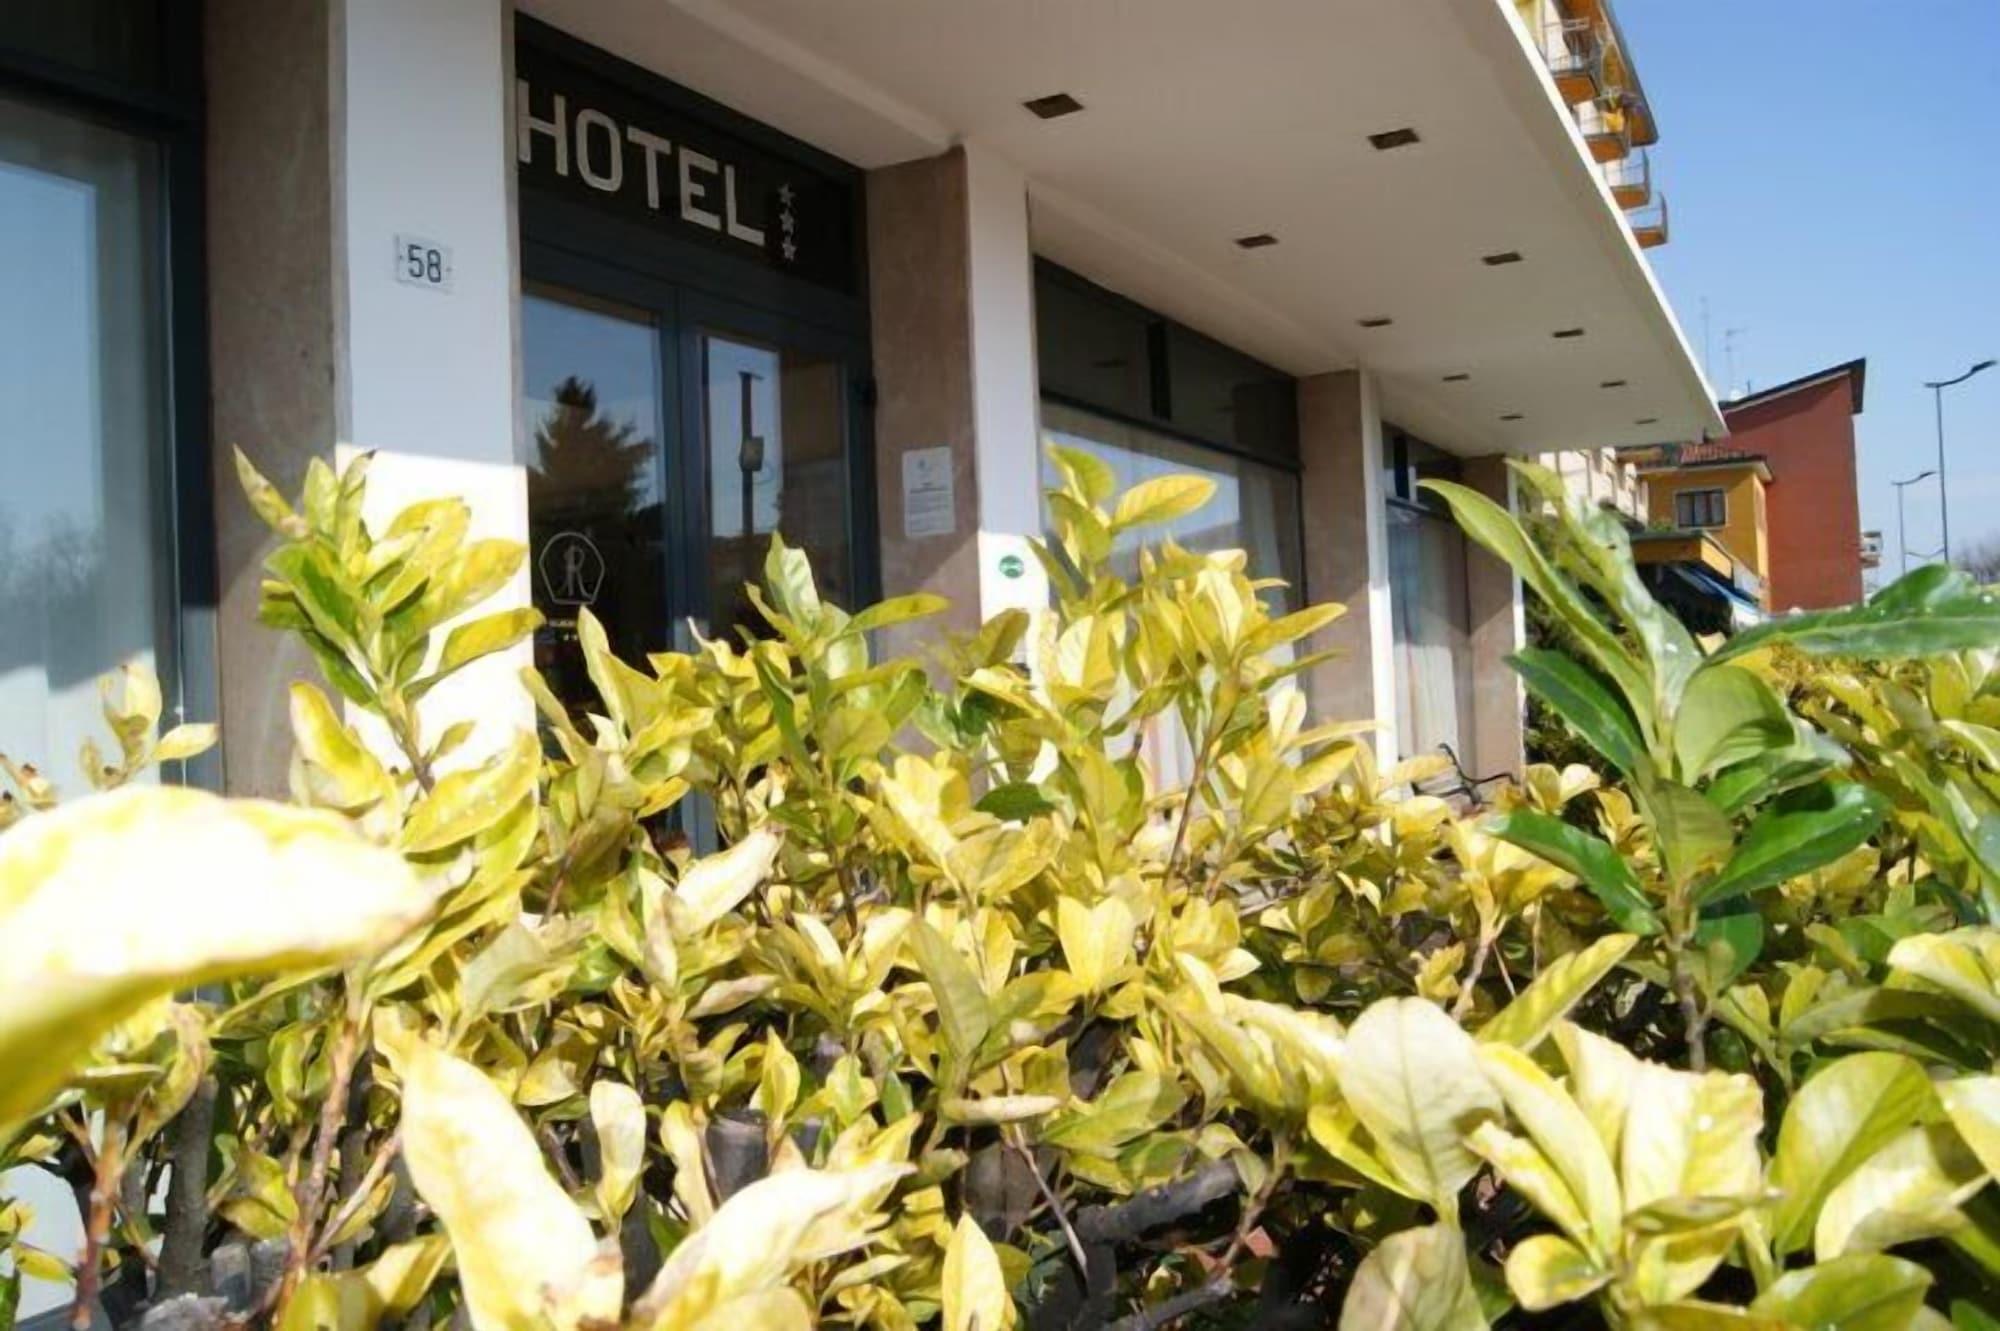 Hotel Resi & Dep, Padua